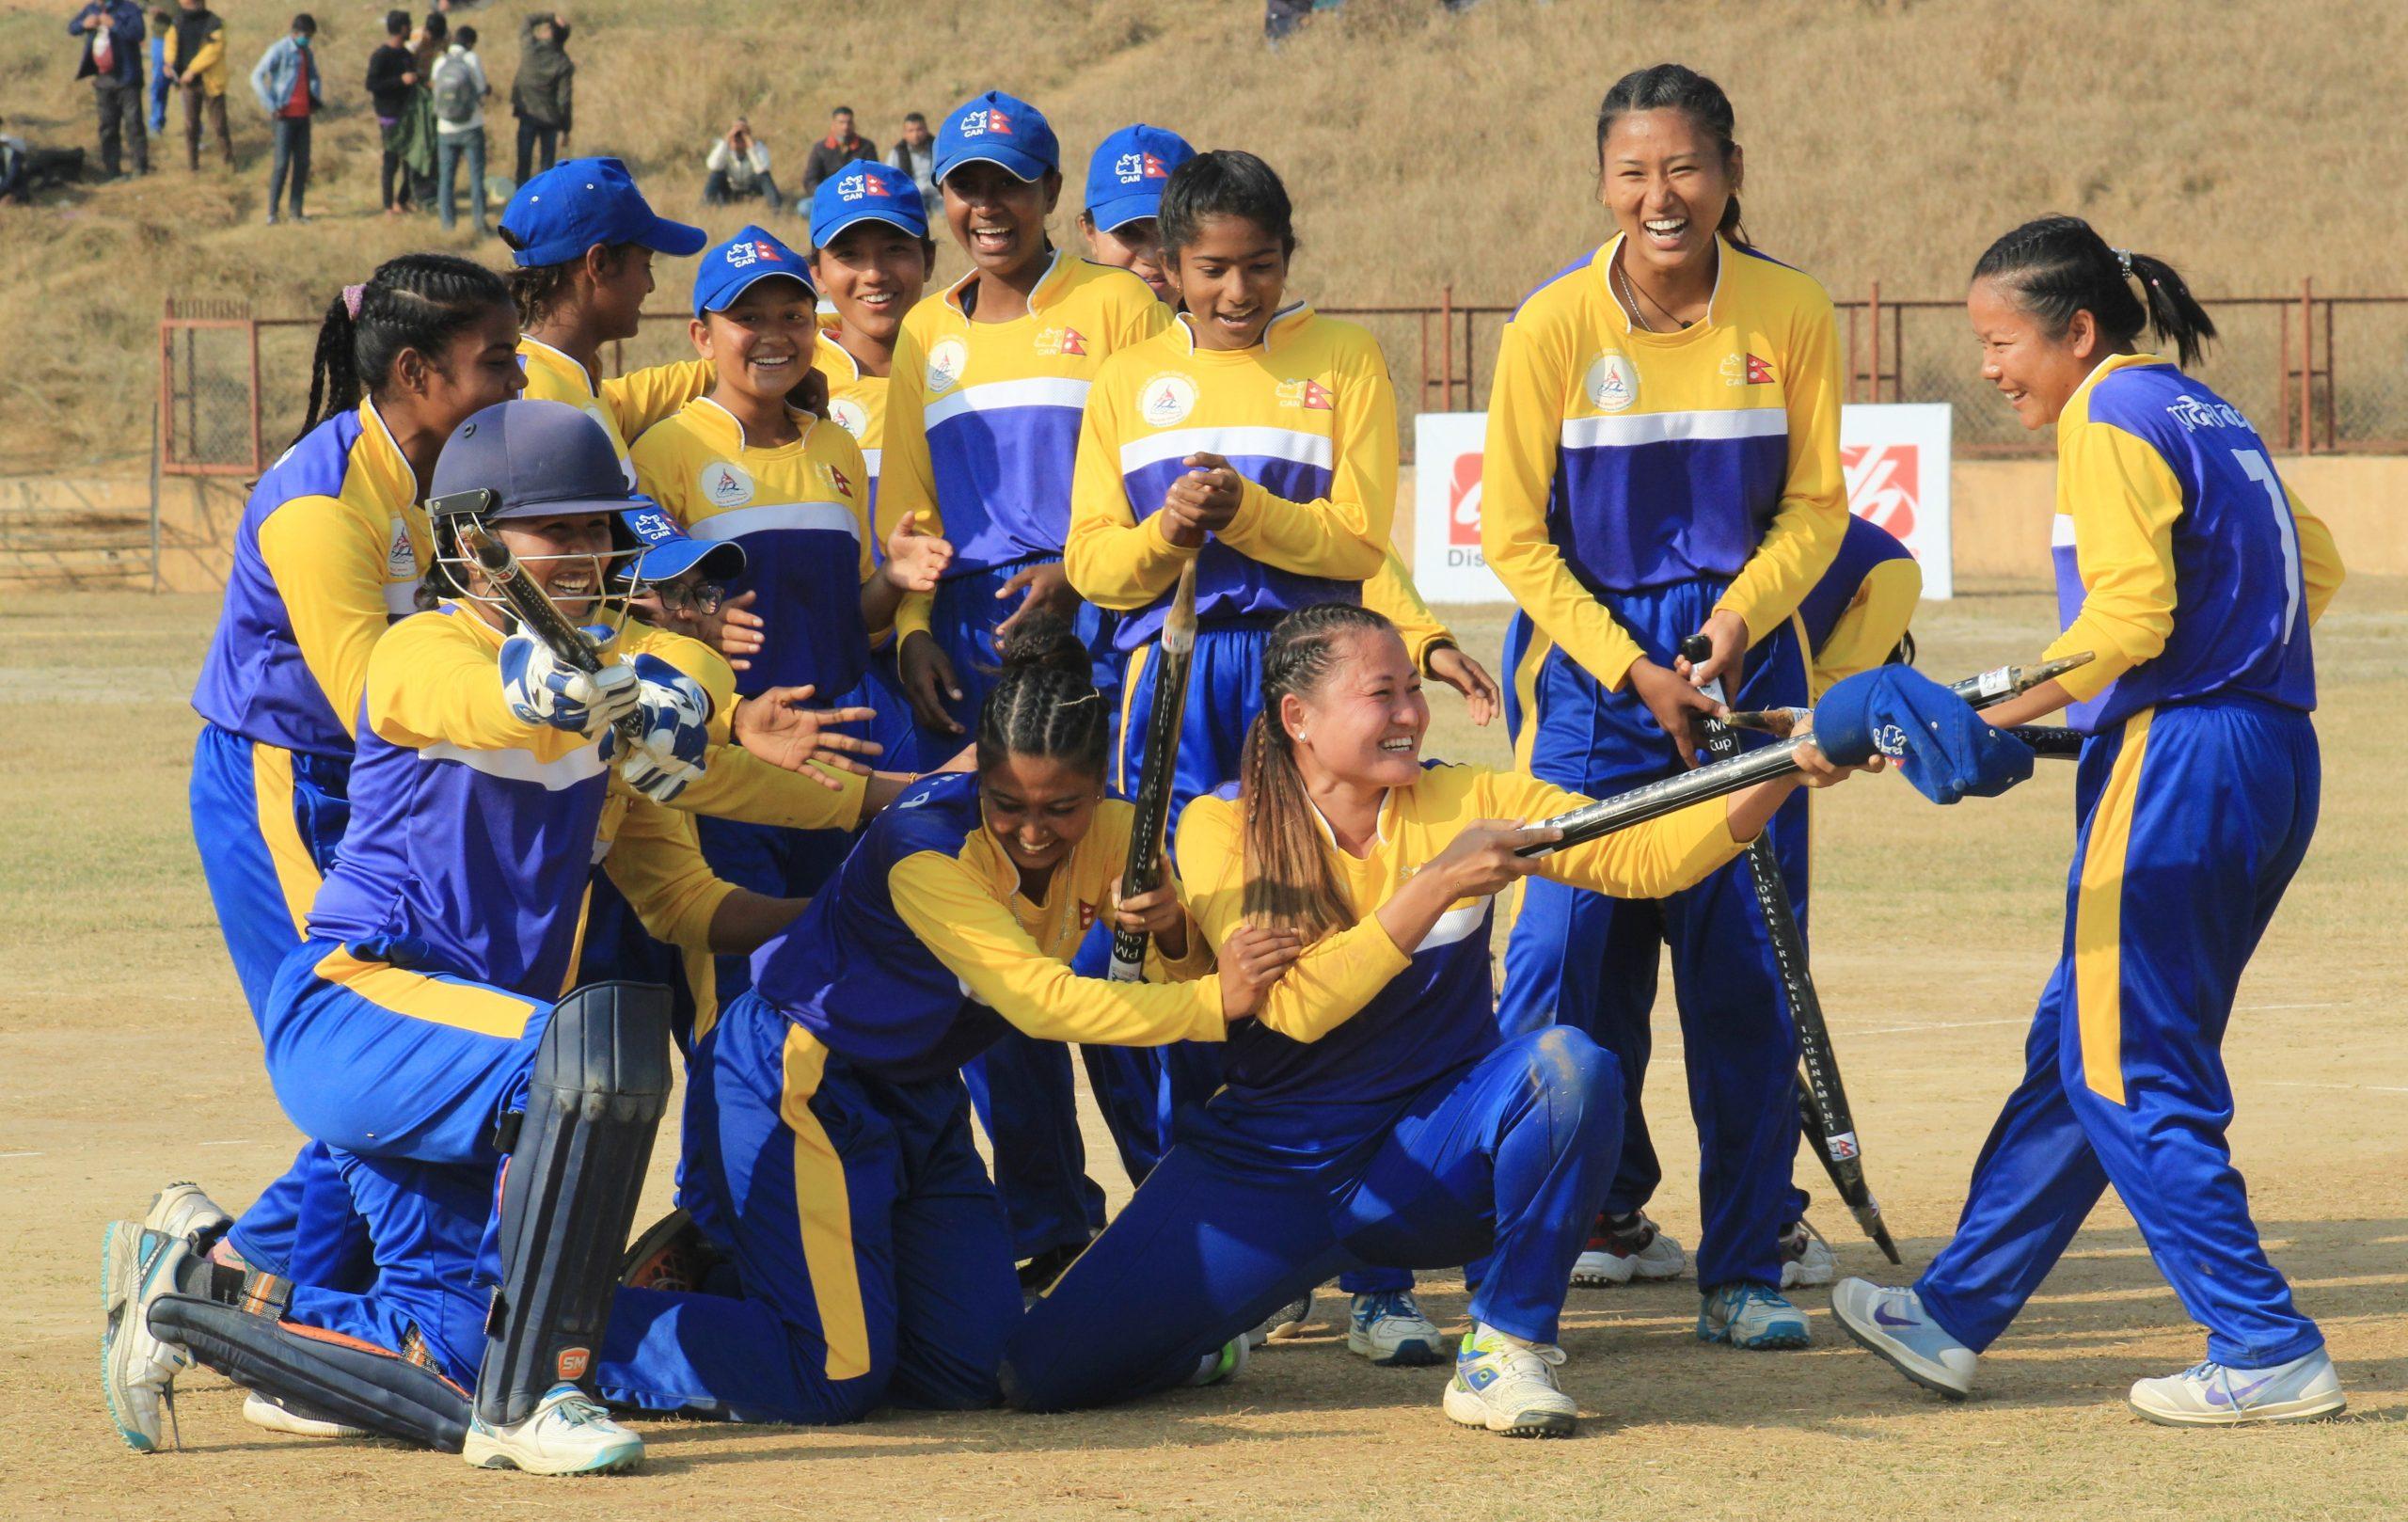 प्रदेश १ लाई प्रधानमन्त्रीकप महिला राष्ट्रिय क्रिकेट प्रतियोगीताको उपाधी